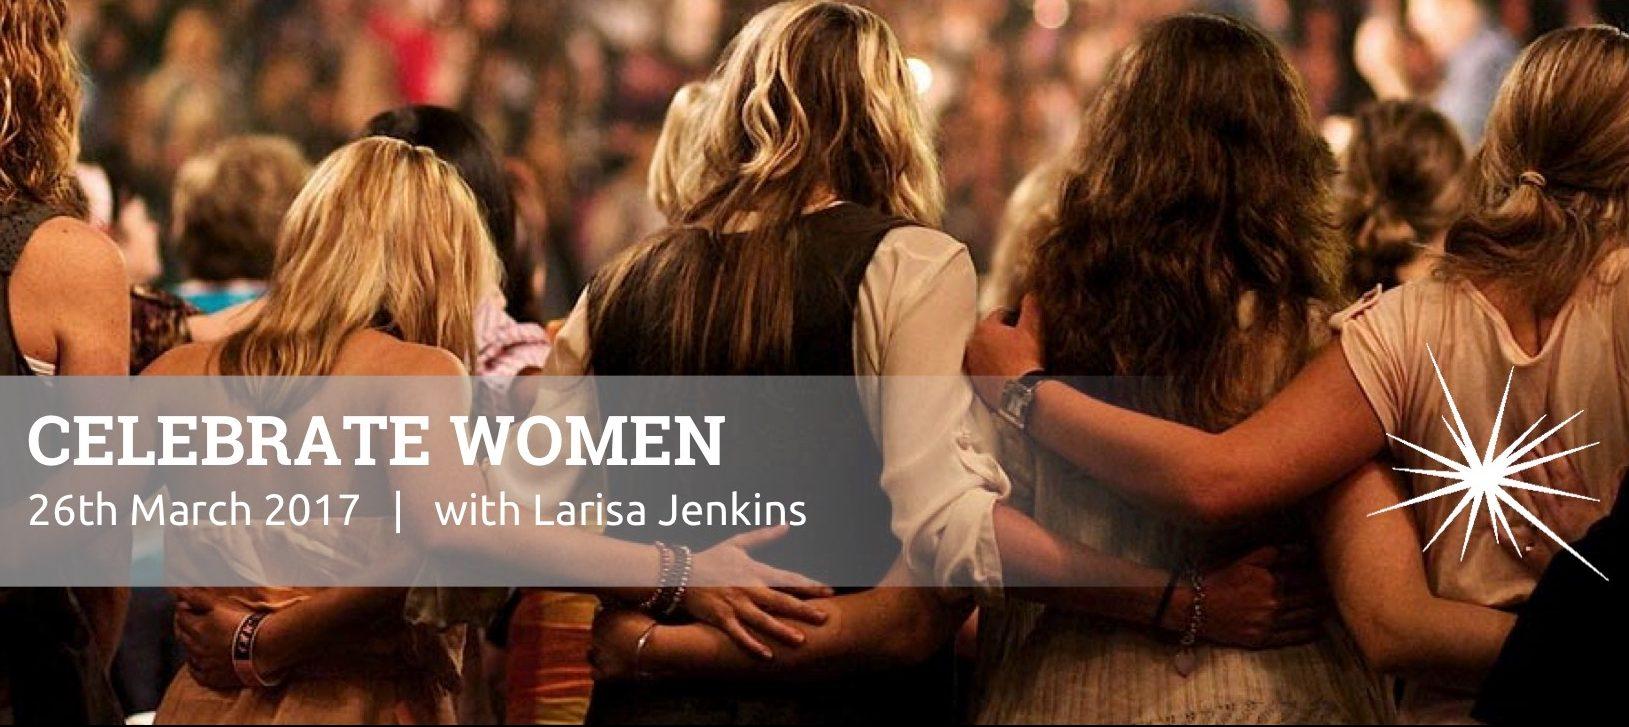 Celebrating Women Sunday